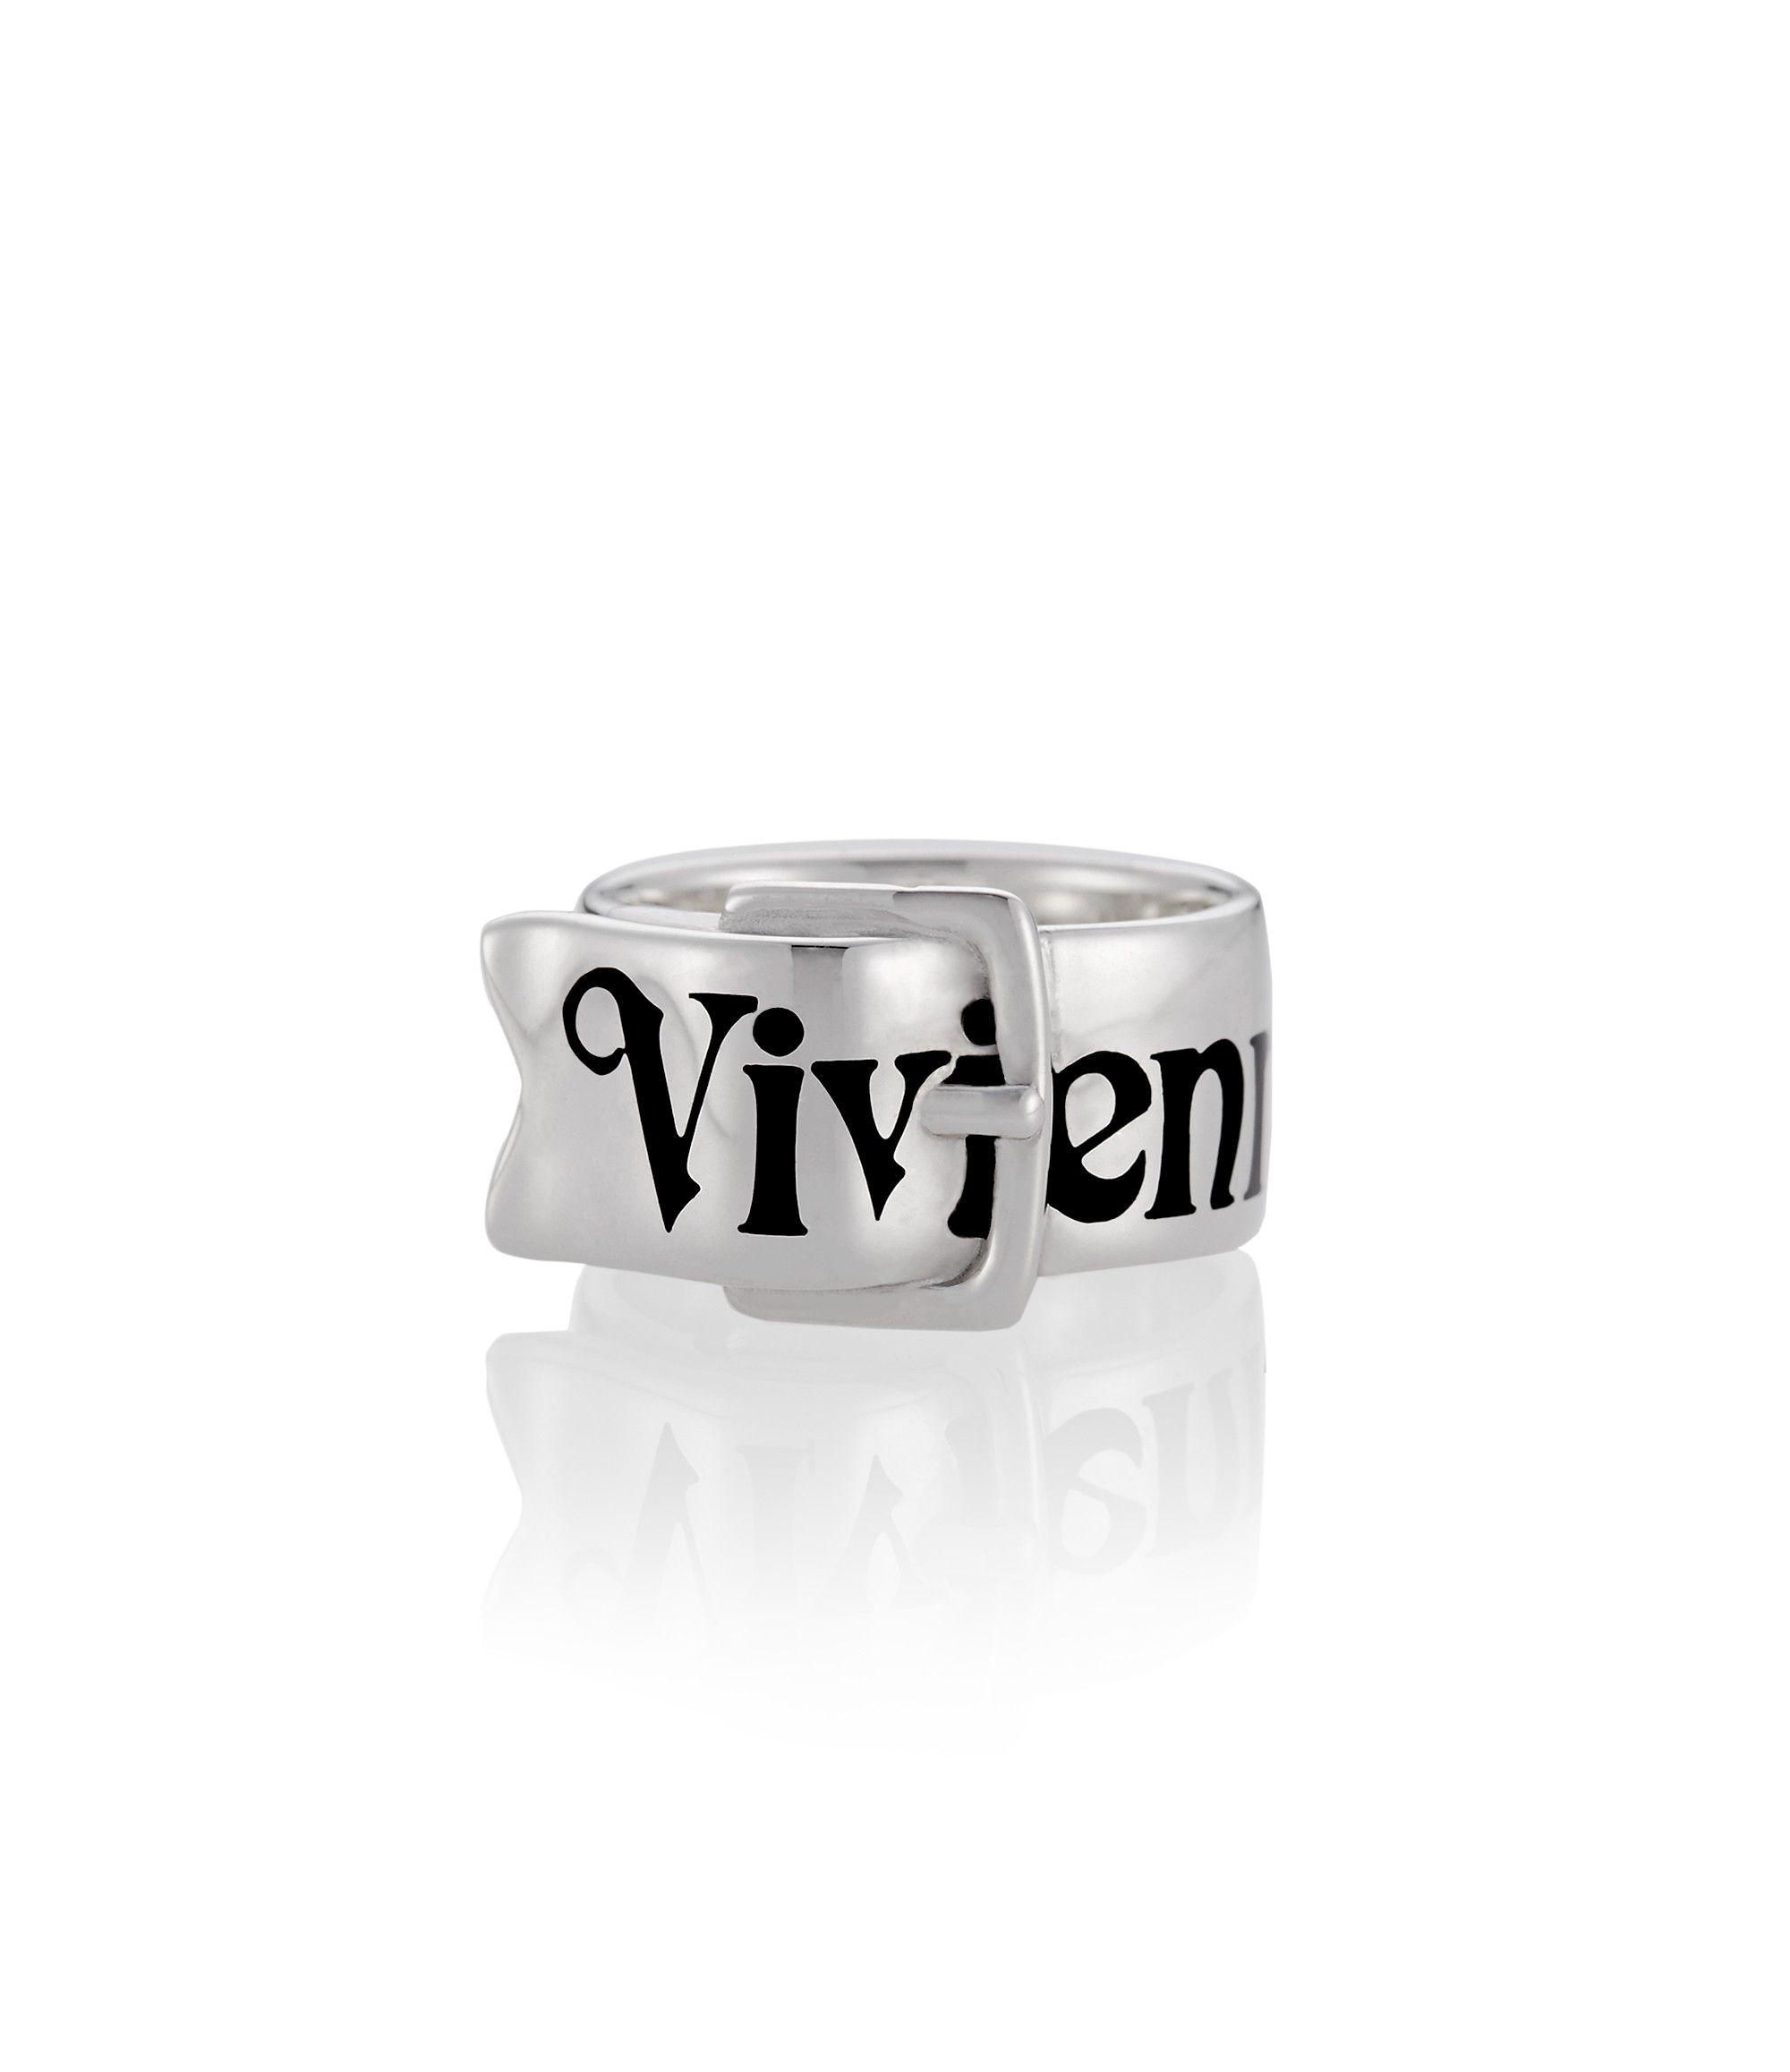 Vivienne Westwood Belt ring Design Designed